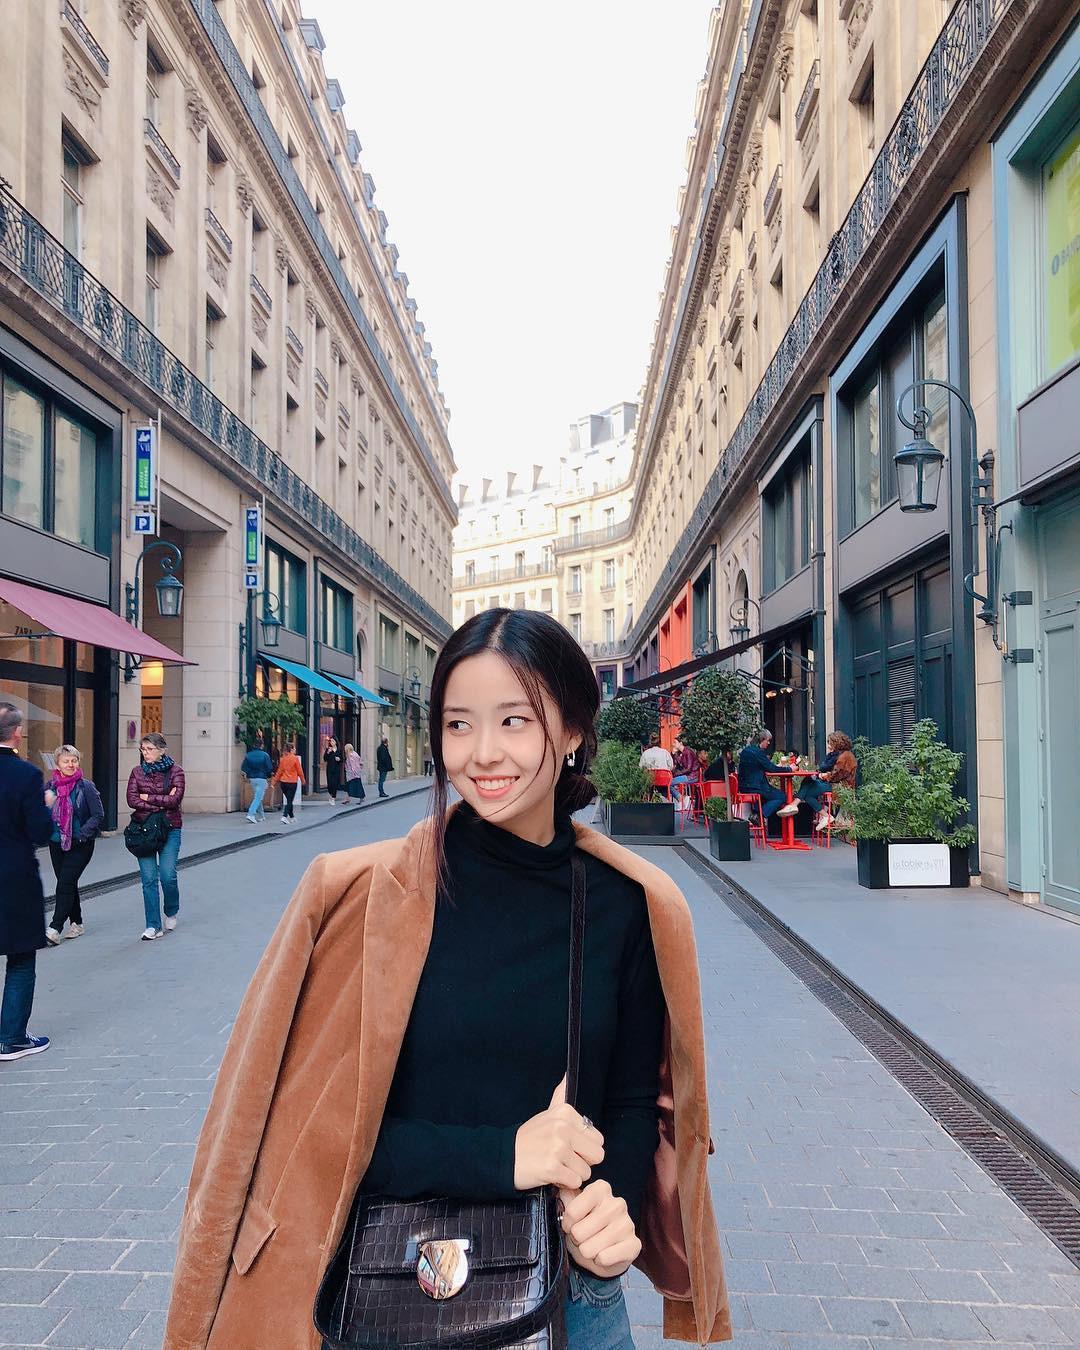 Bàn cân nhan sắc Tân và cựu Hoa hậu Hàn Quốc: Bên đẹp như diễn viên bên gây tranh cãi, body gây chú ý - Ảnh 10.